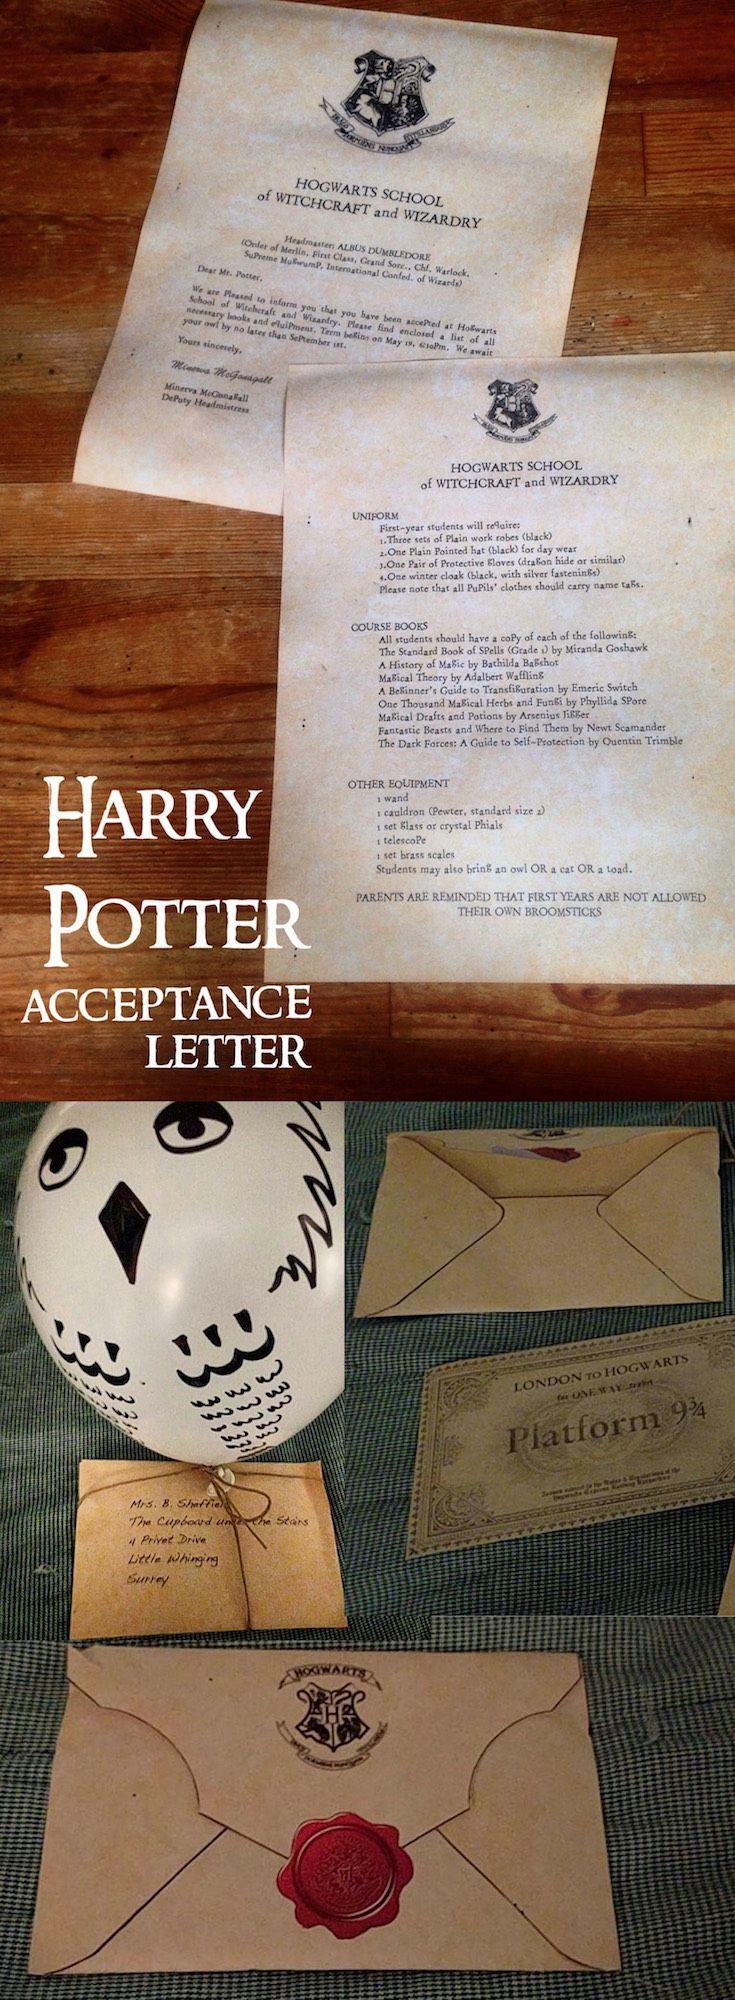 Harry Potter Hogwarts Acceptance Letter  Harry Potter Hogwarts